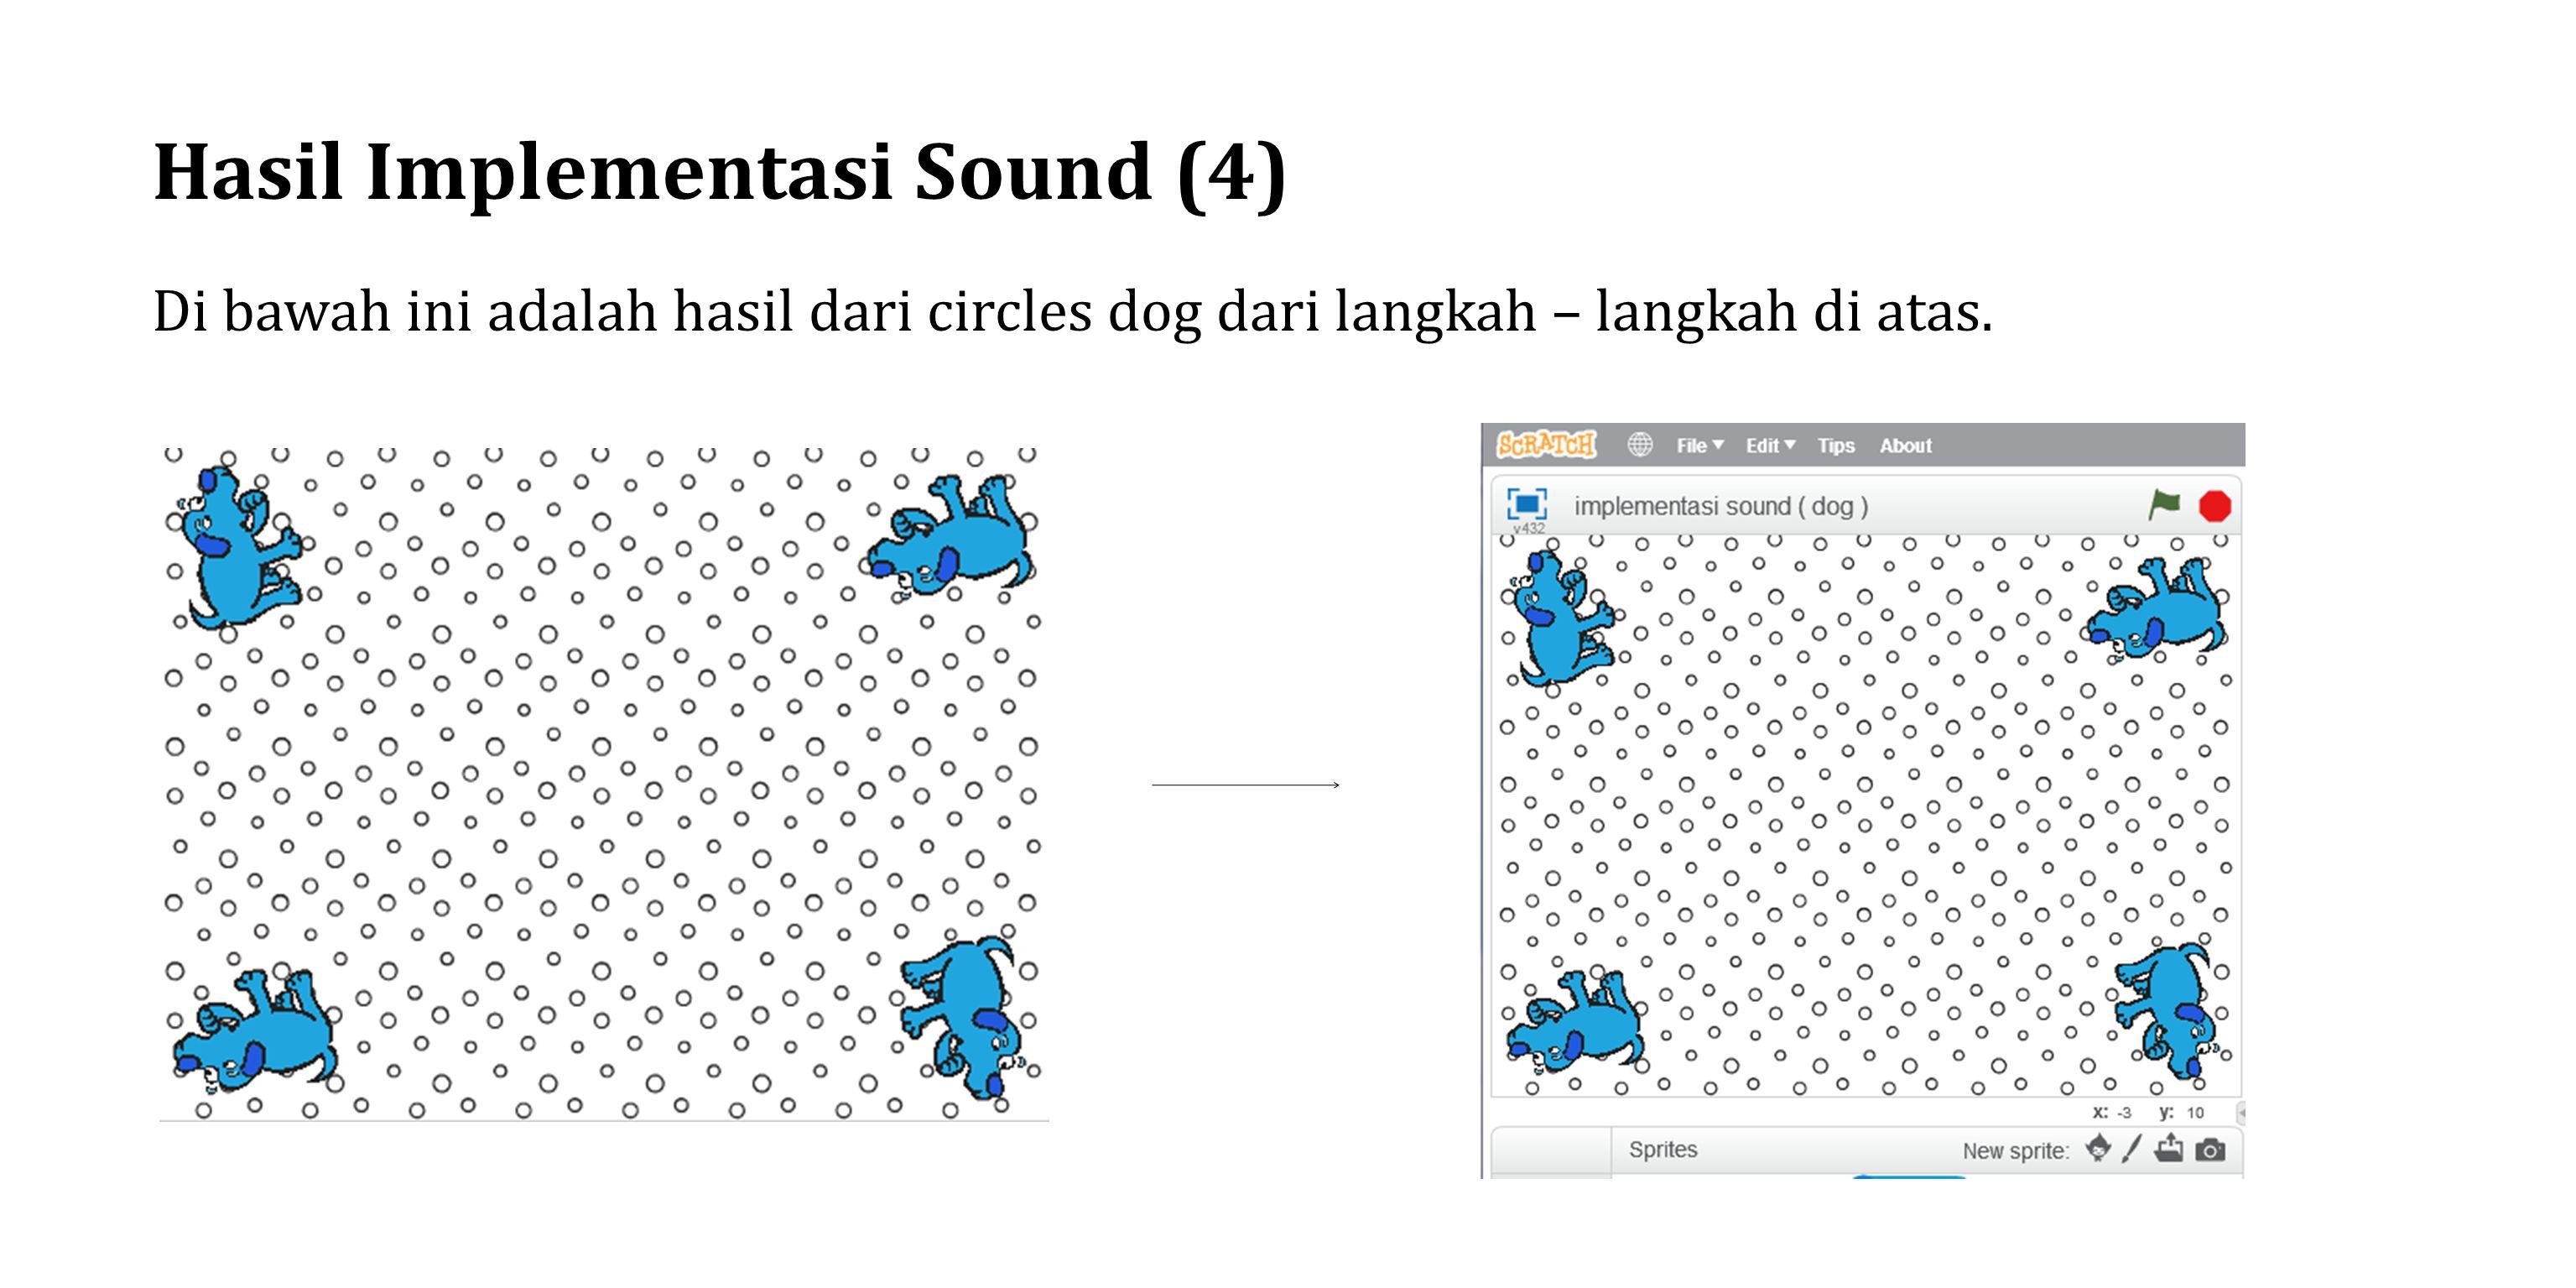 Hasil Implementasi Sound (4) Di bawah ini adalah hasil dari circles dog dari langkah – langkah di atas.